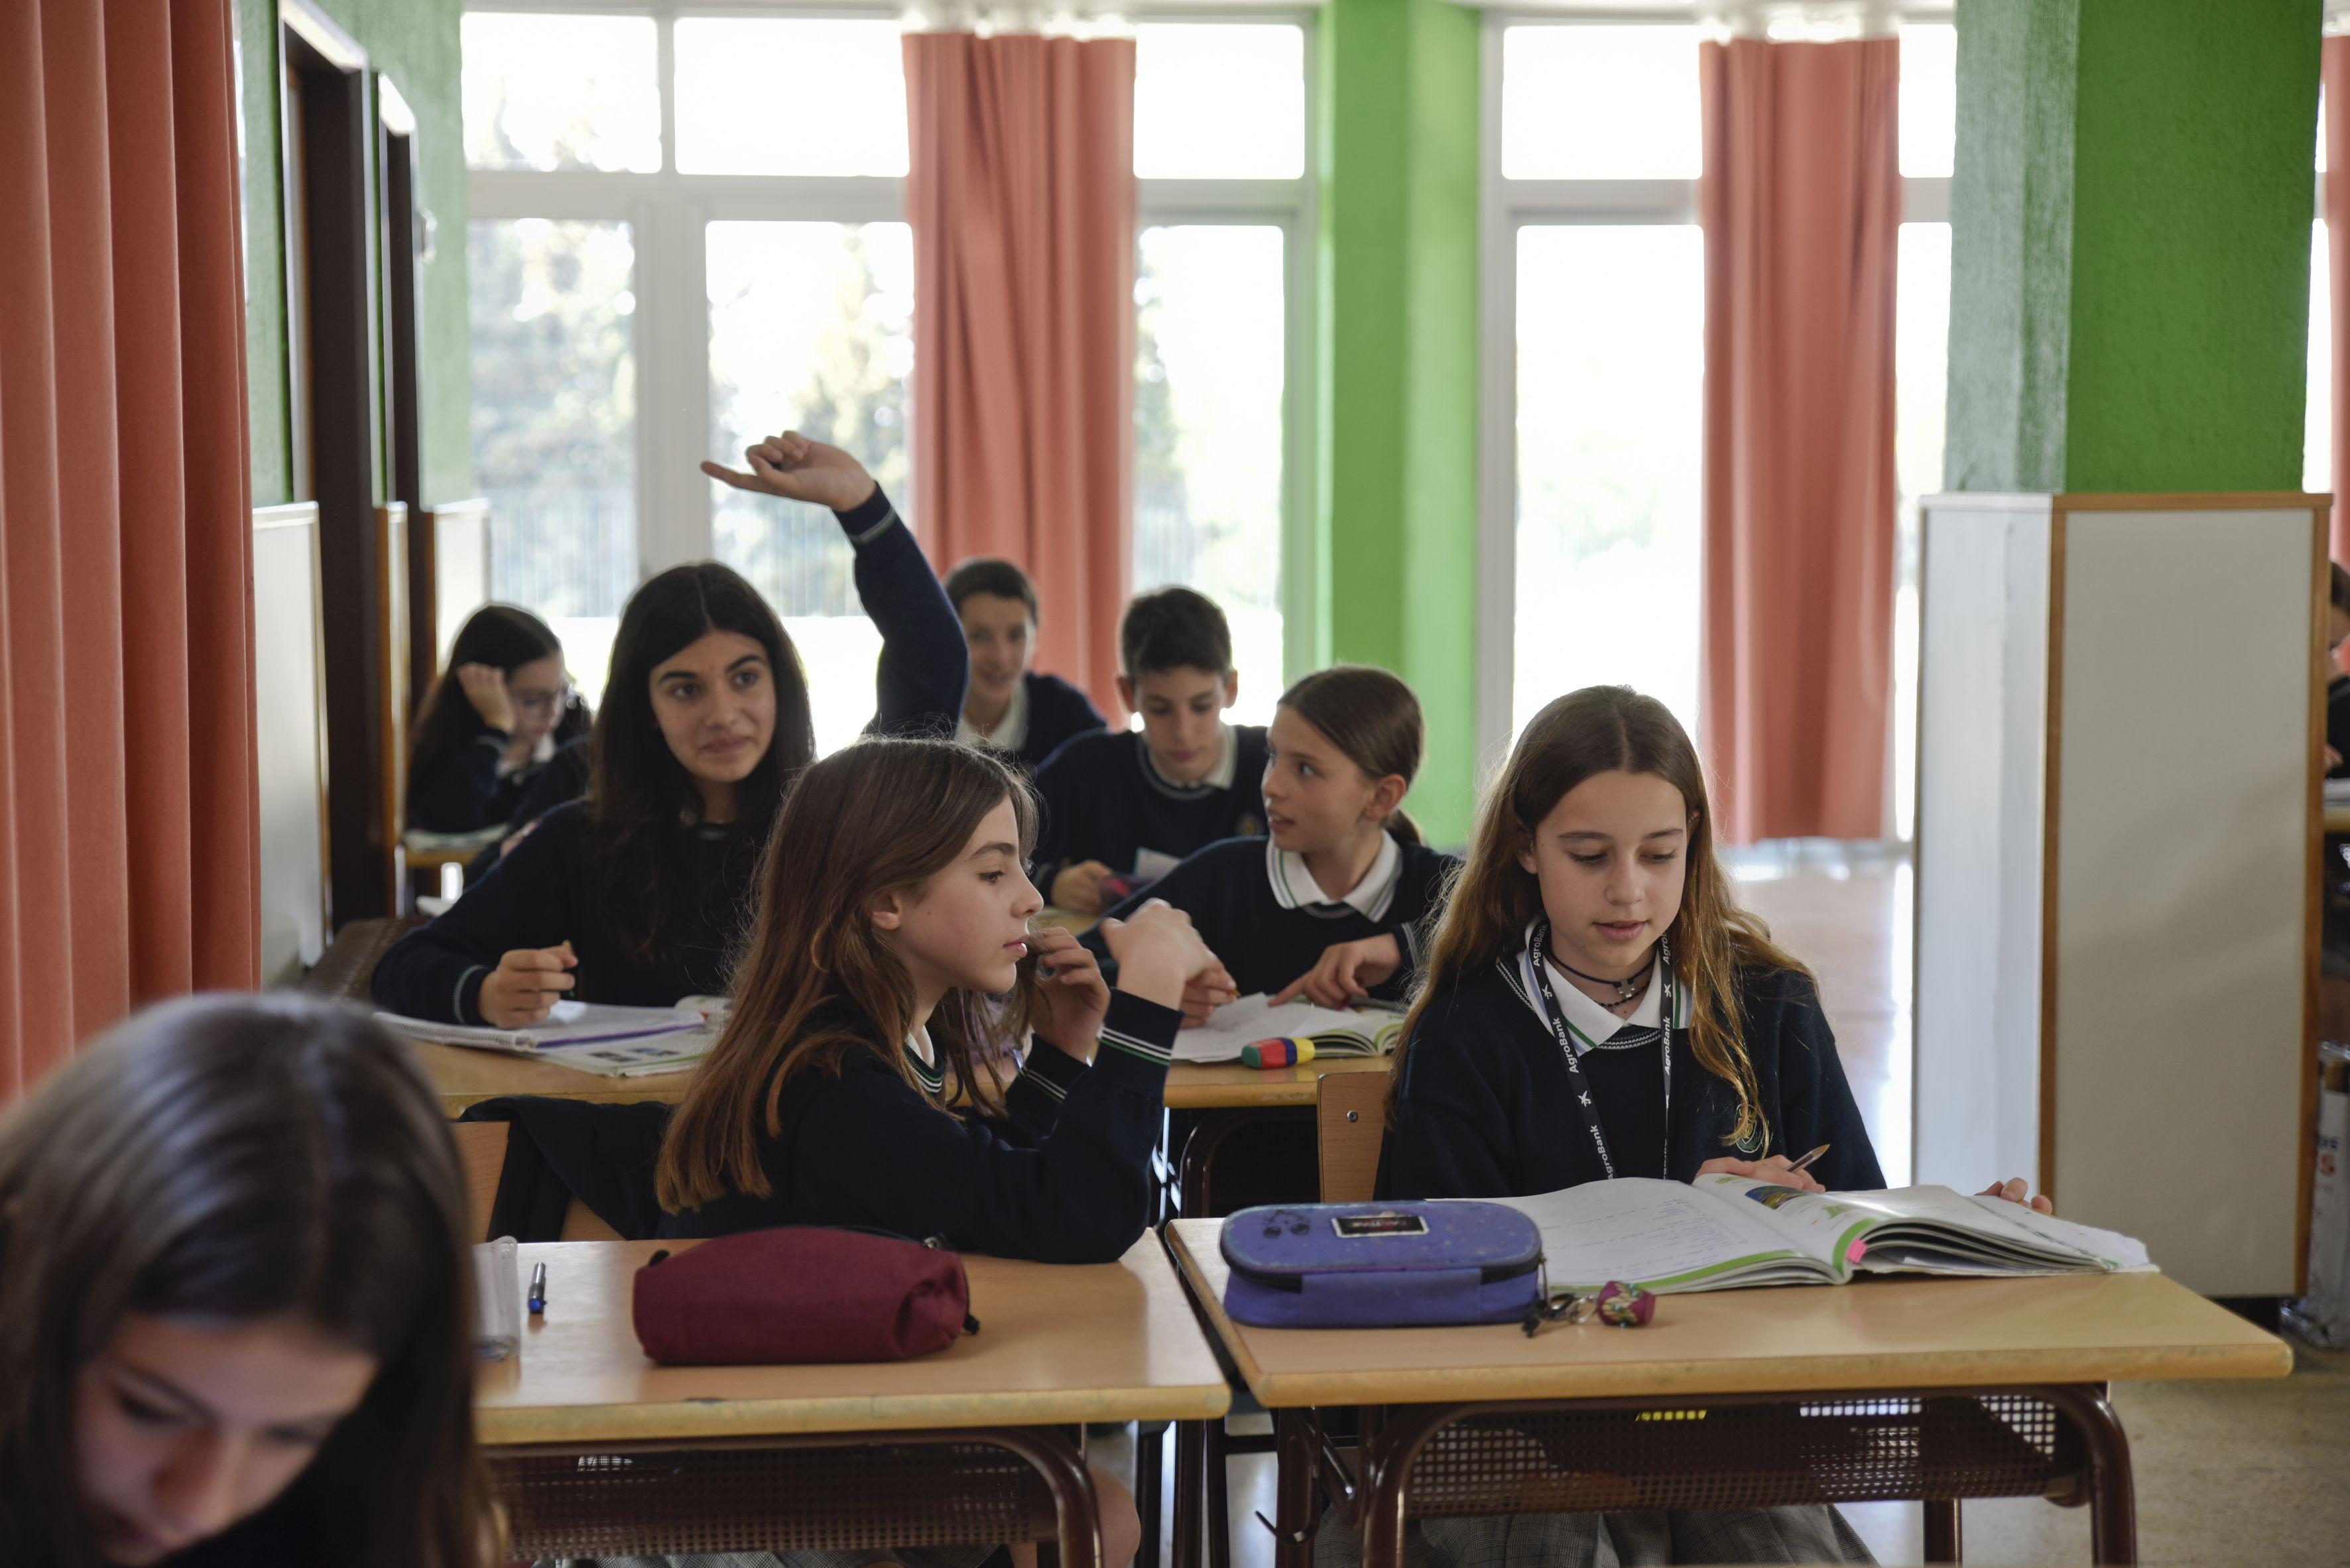 Classe de Secundària a Col·legi Pureza de Maria Sant Cugat. FOTO: Bernat Millet